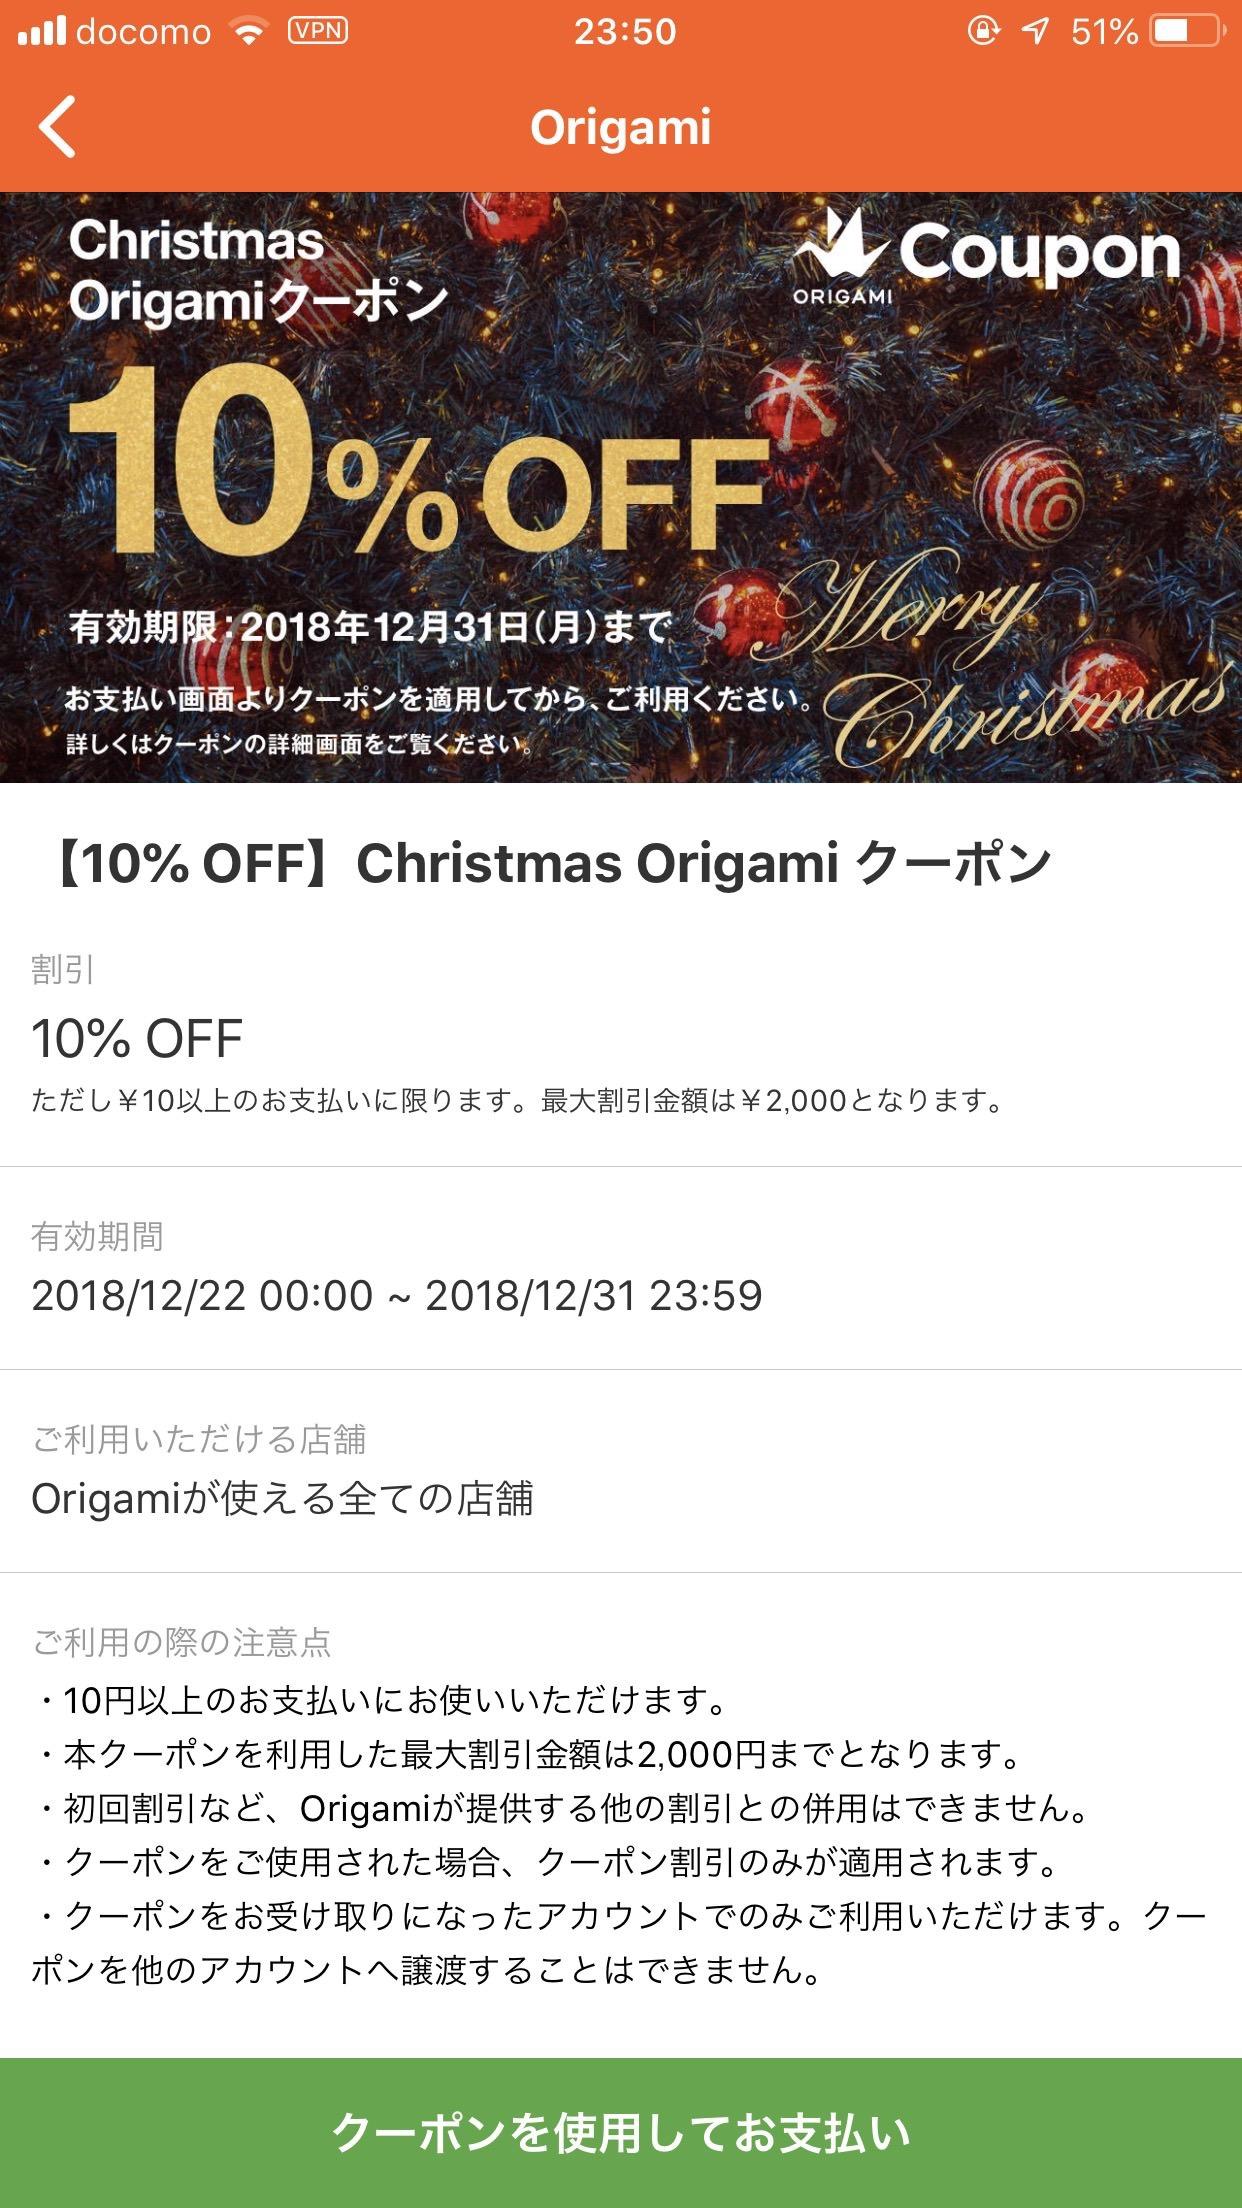 【オリガミペイ】10%オフのクリスマスクーポンを配布